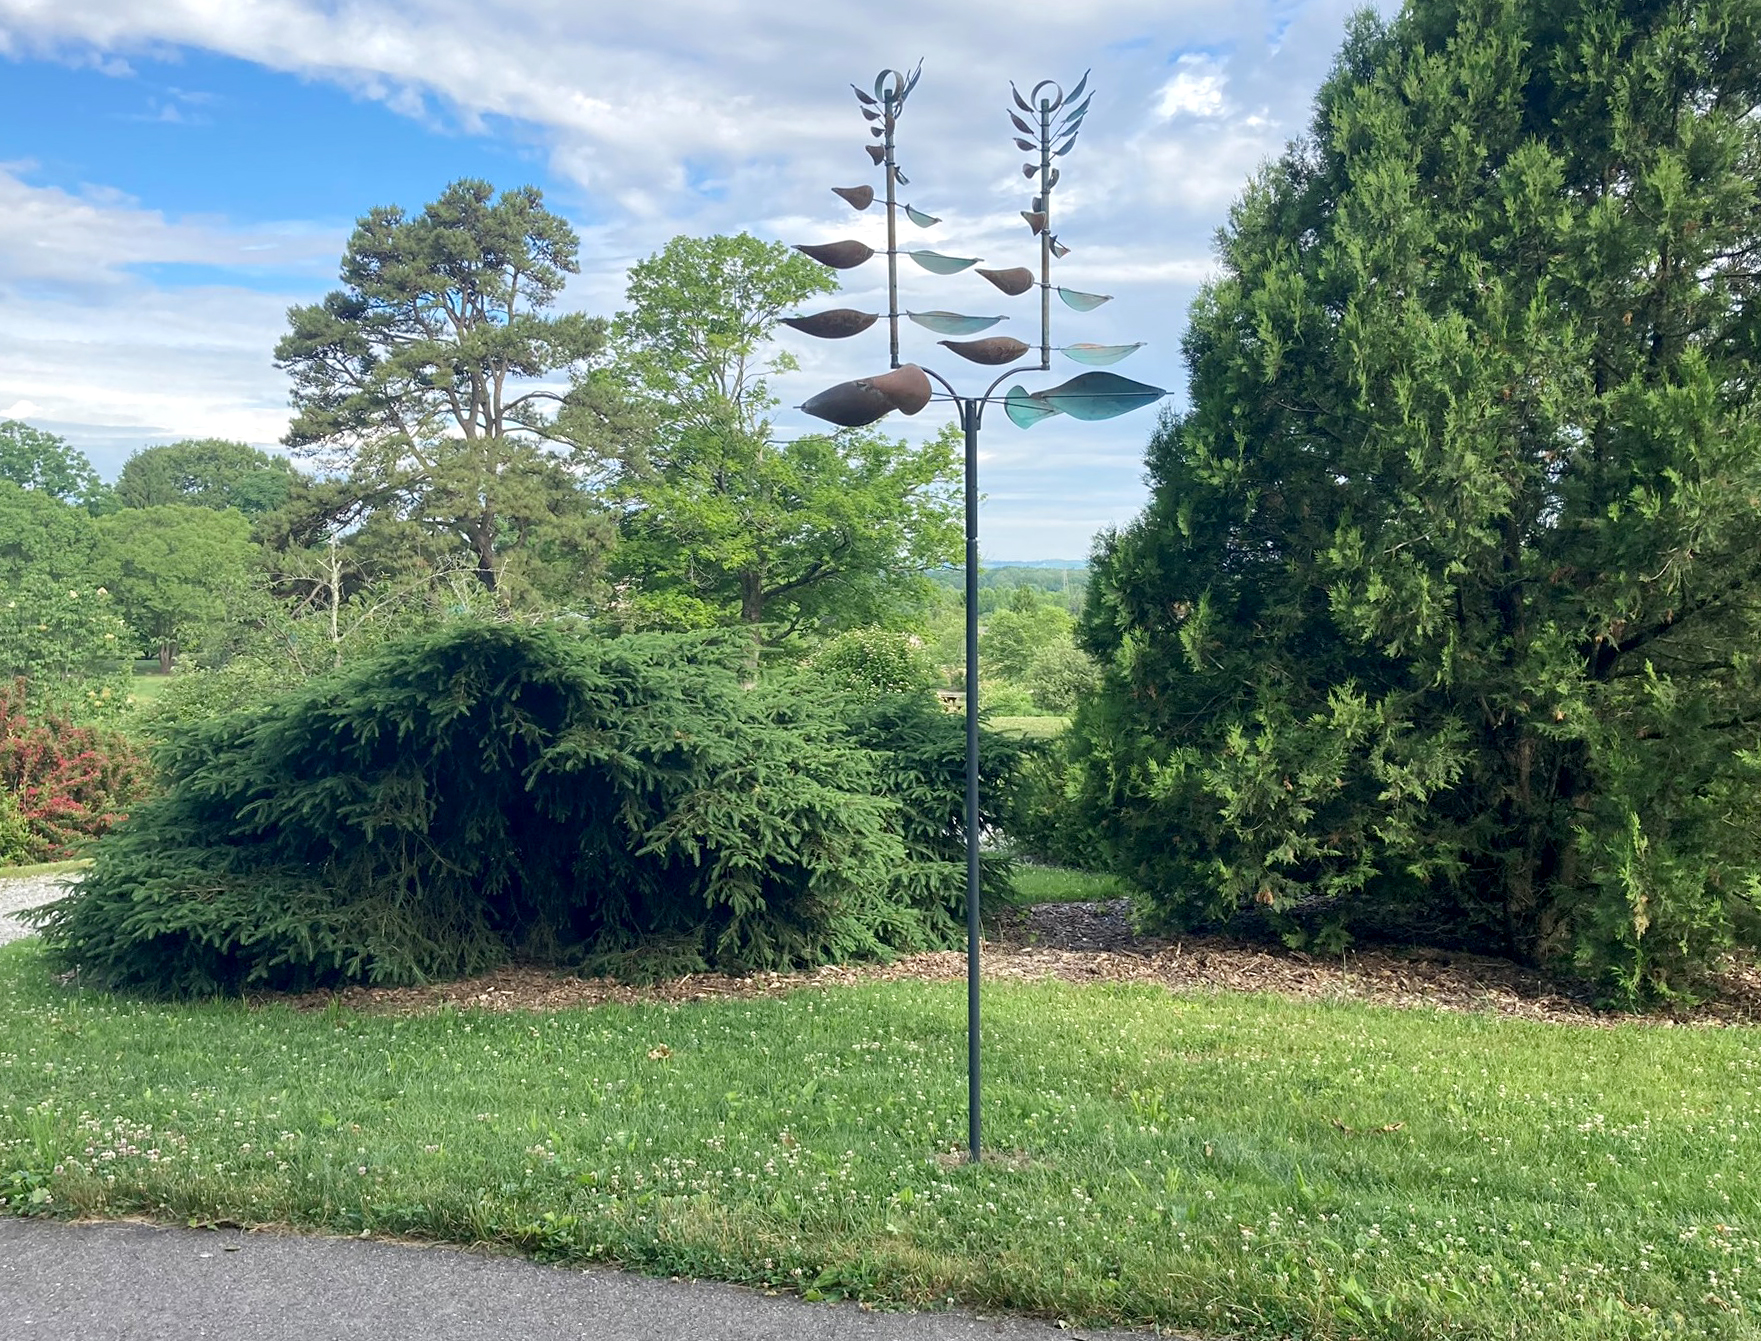 Dallas Arboretum | Crape Myrtle Allee